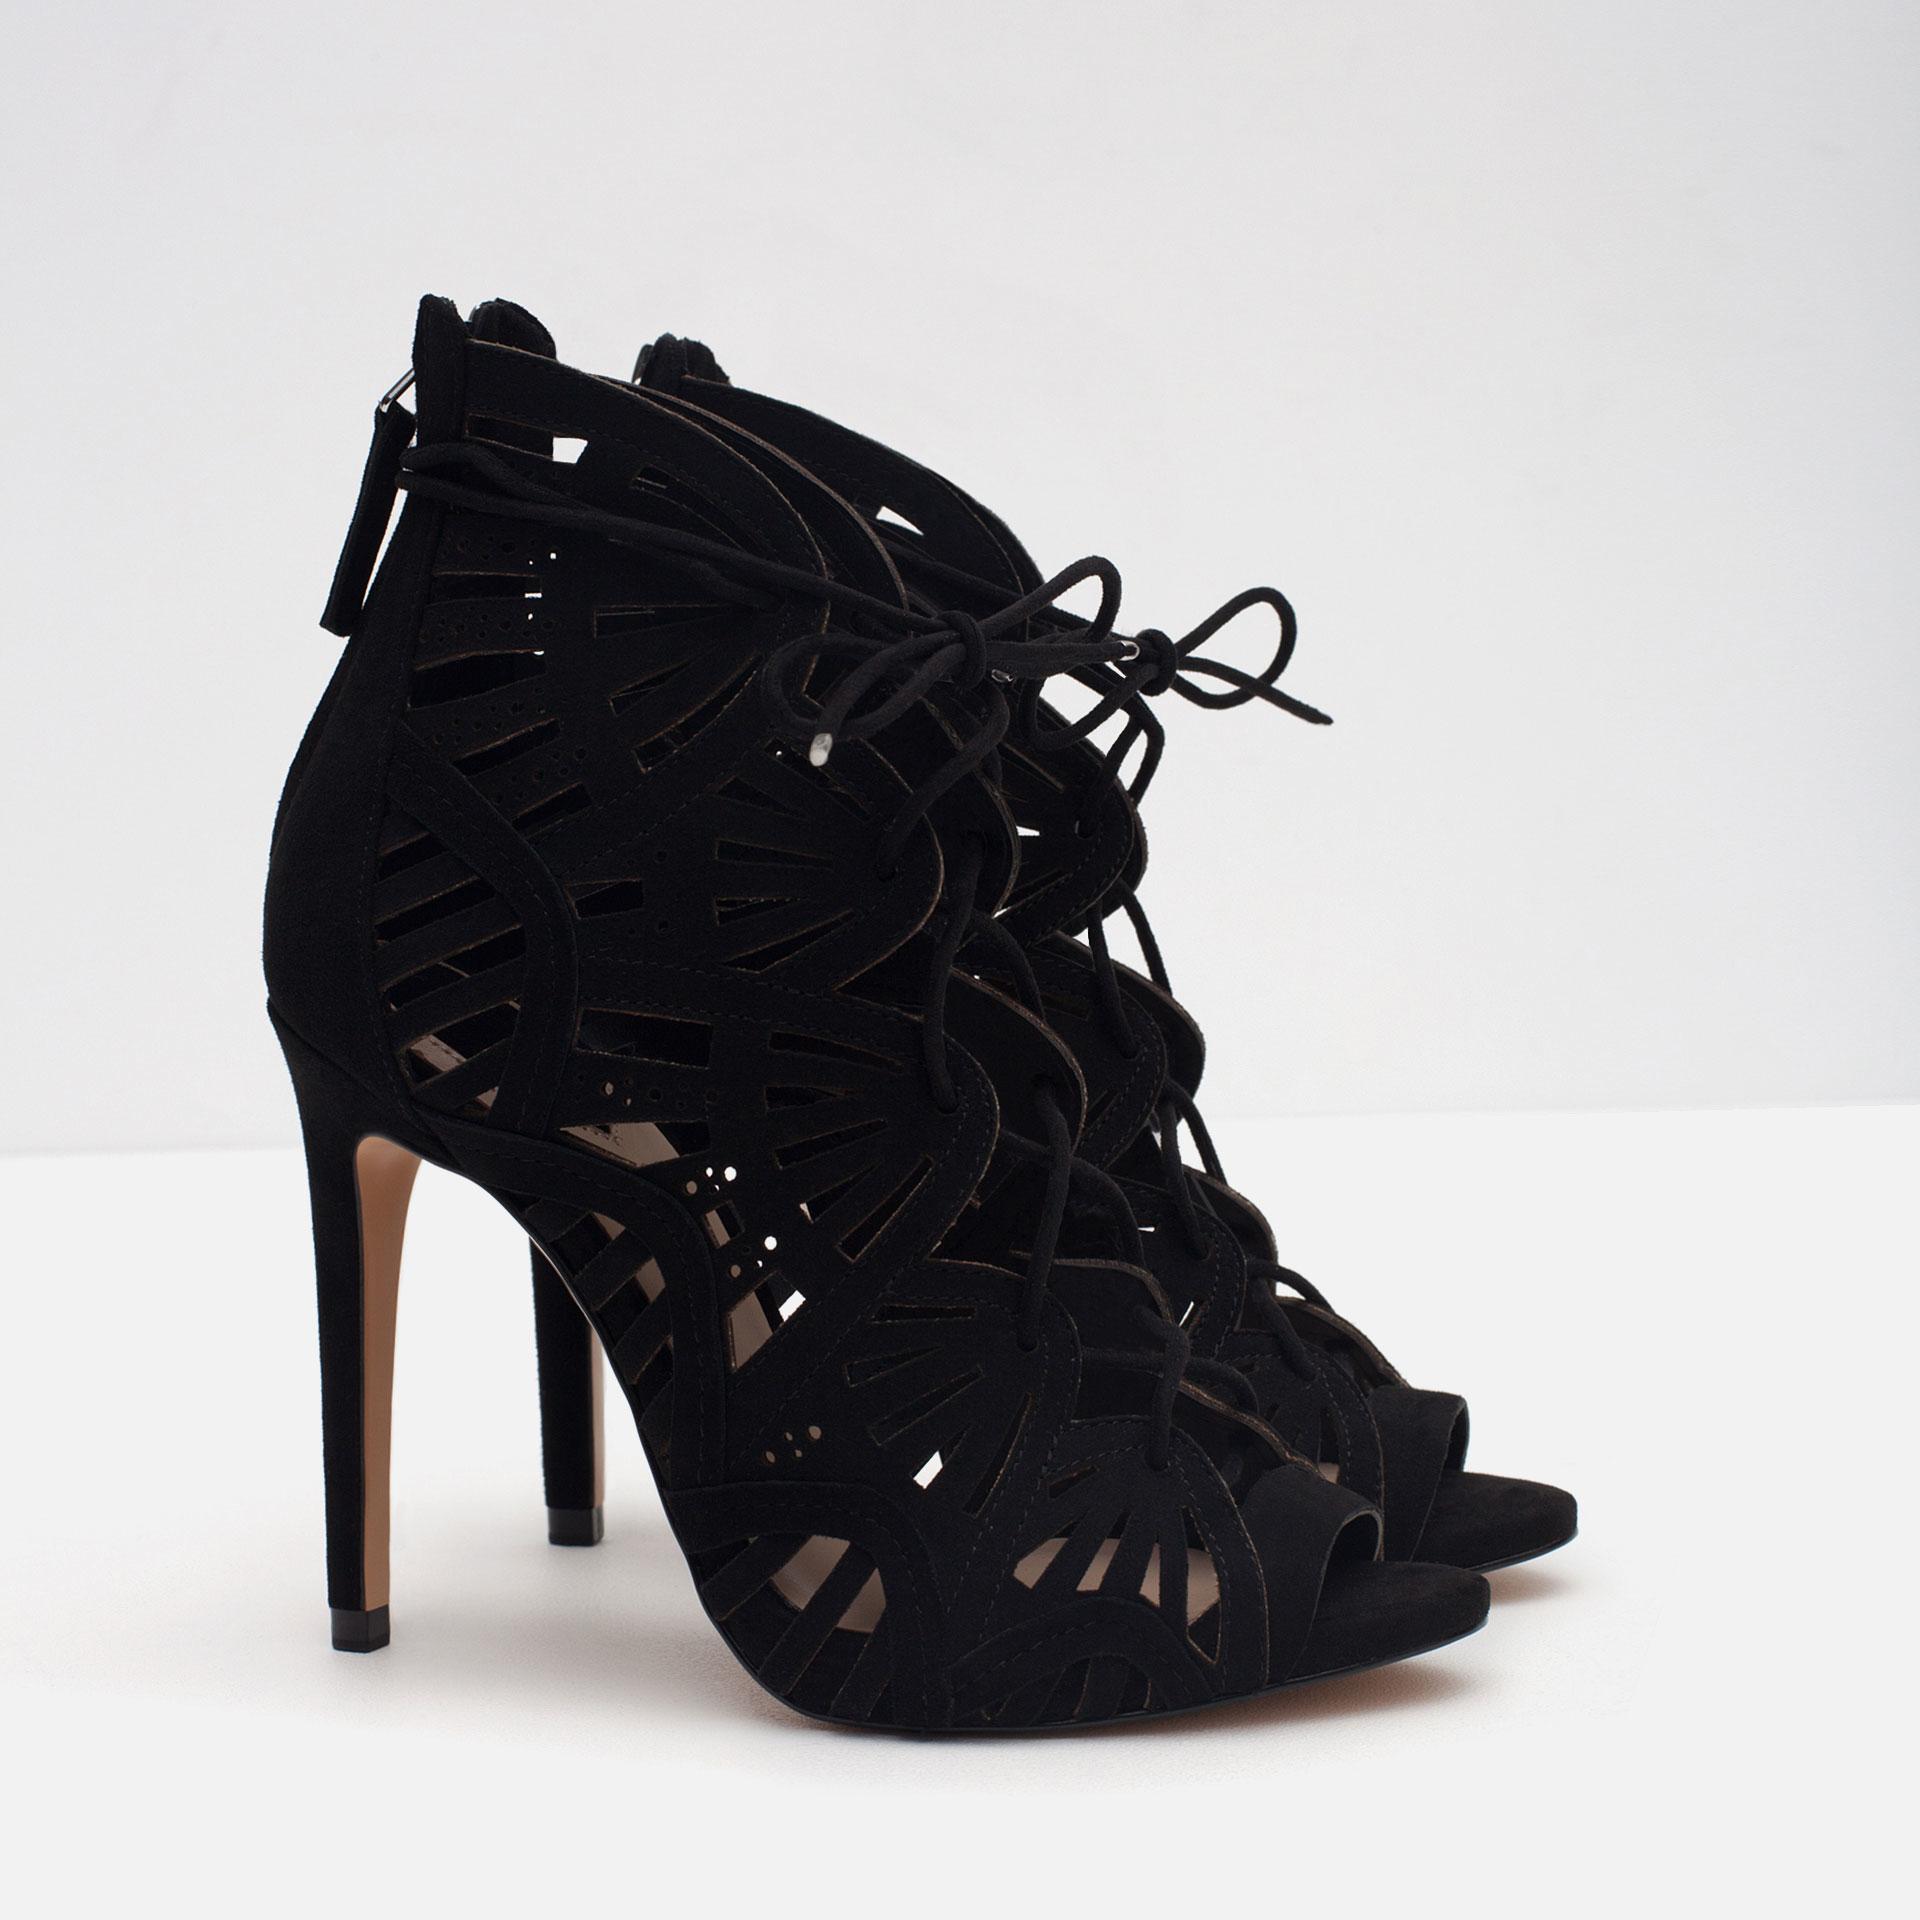 Zara Wraparound Leather Sandals In Black Lyst